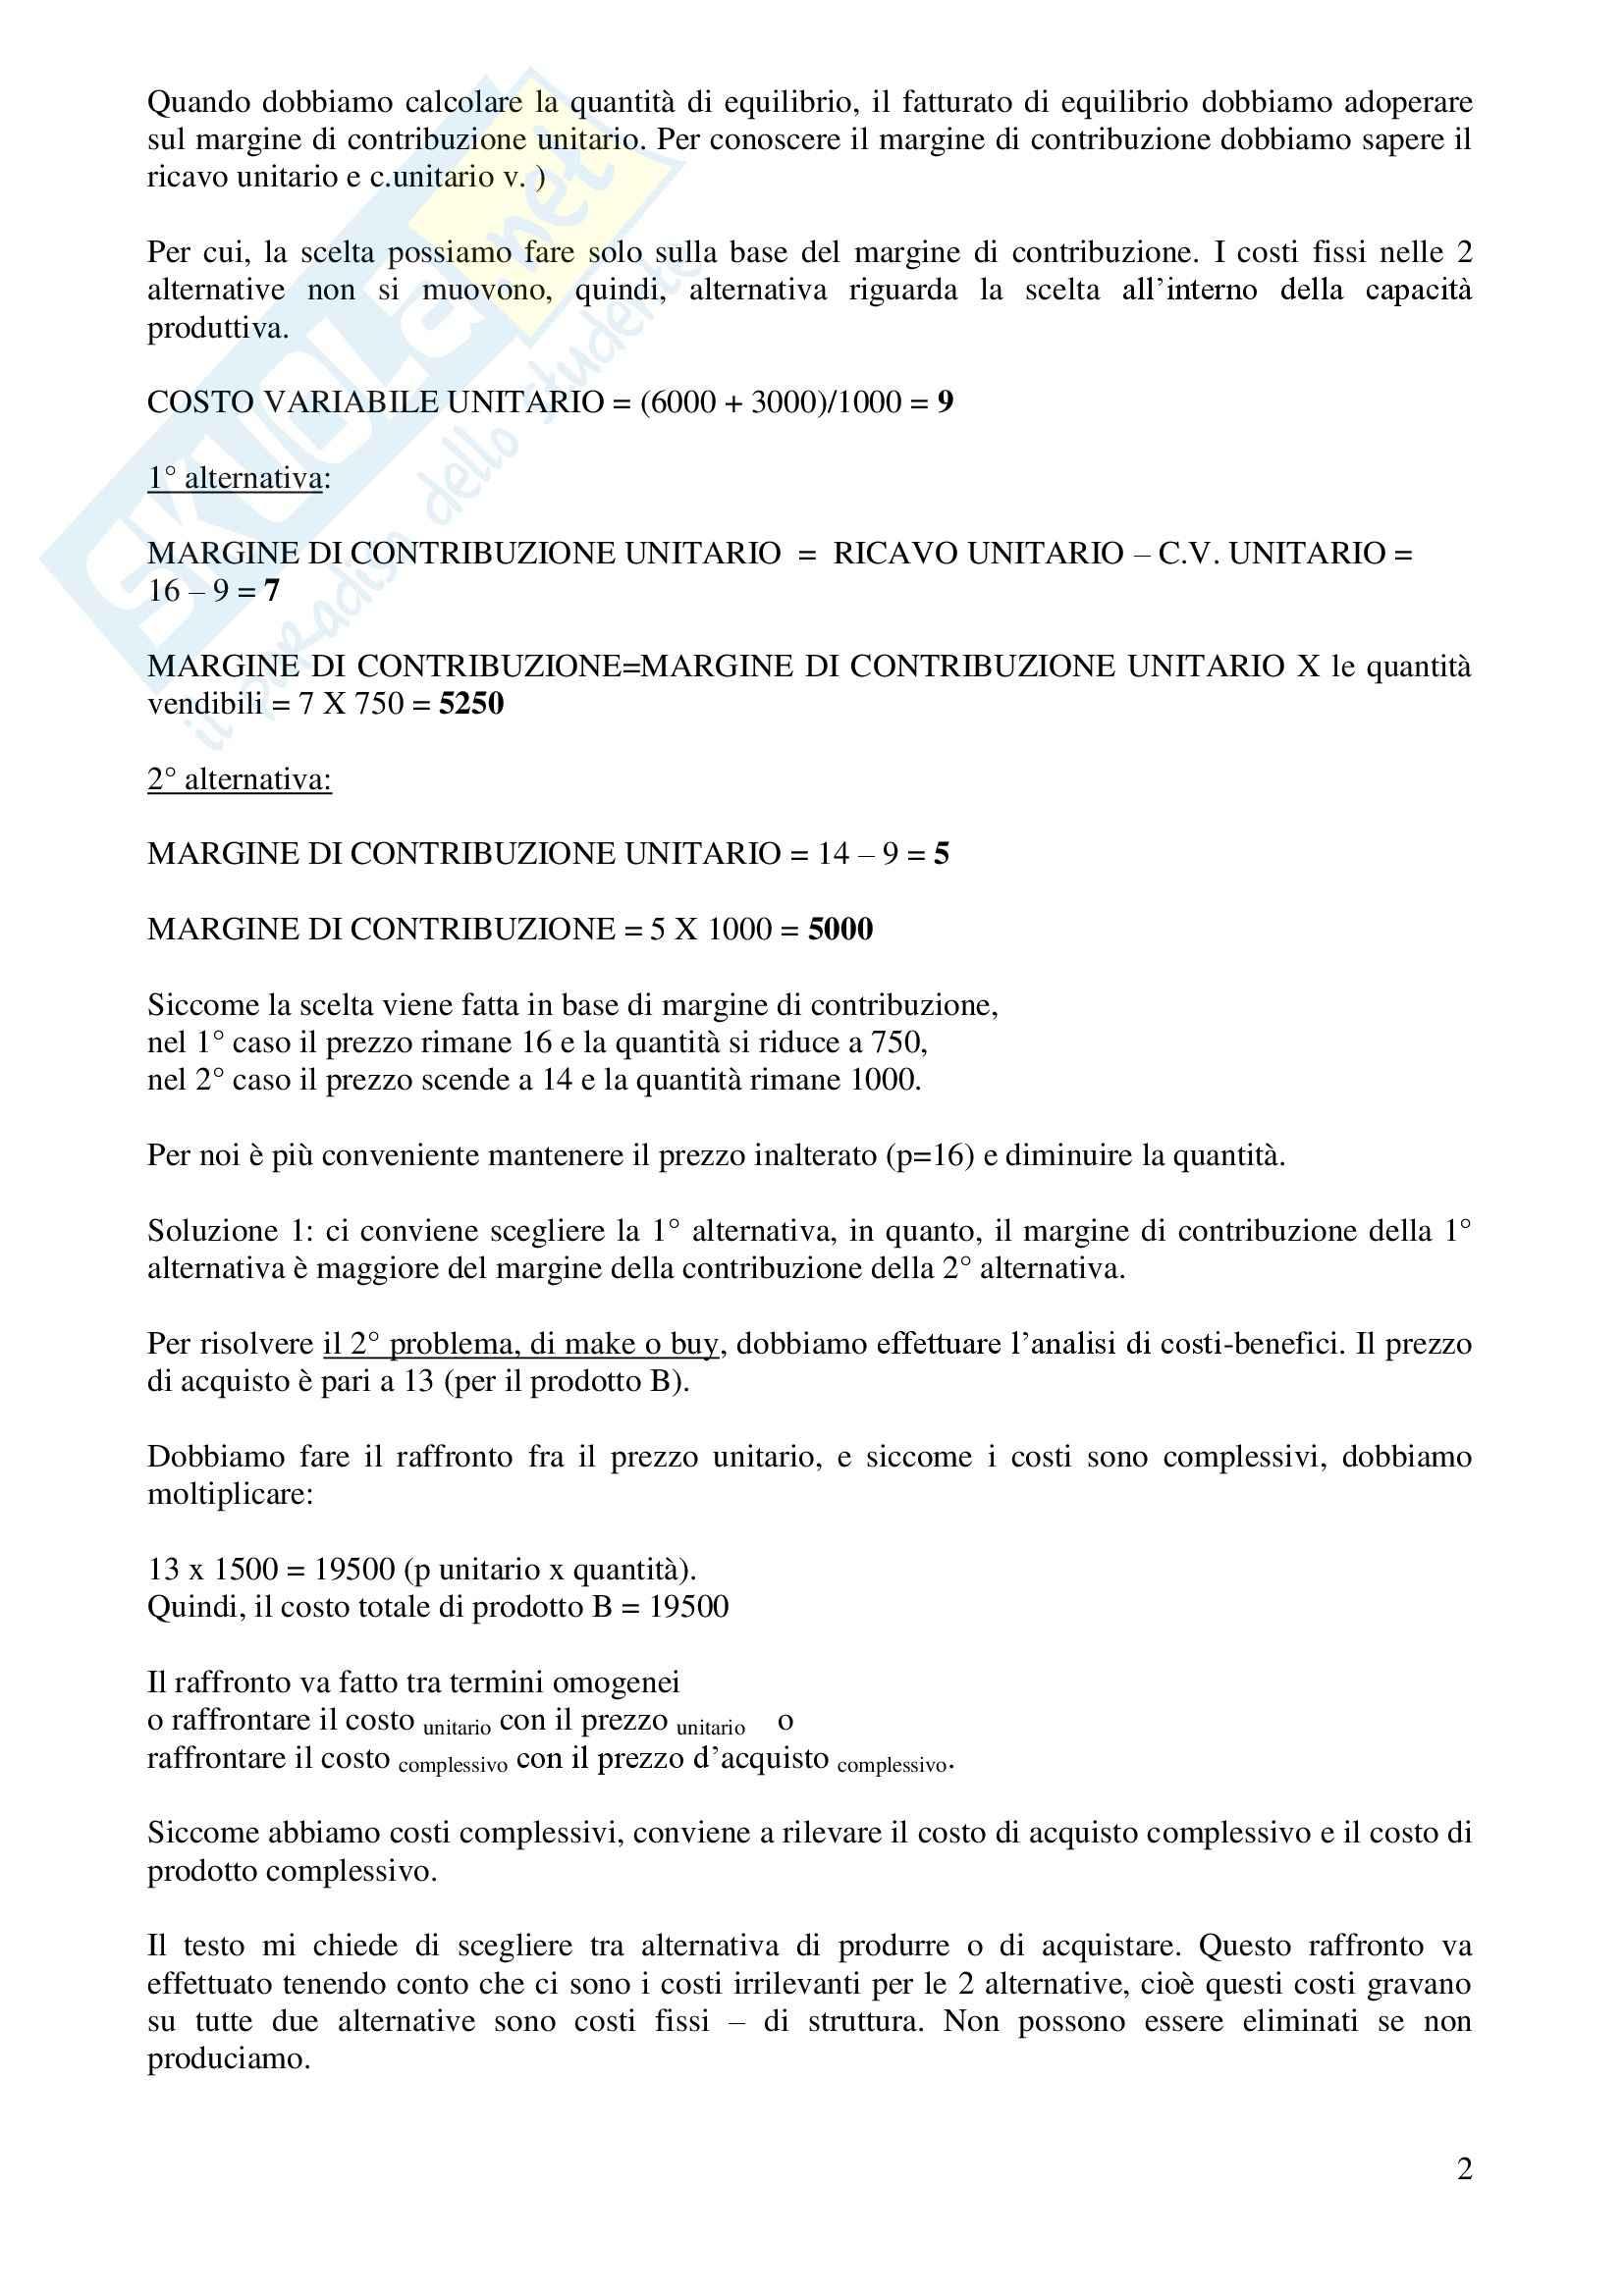 Contabilità generale e analitica - Appunti Pag. 2